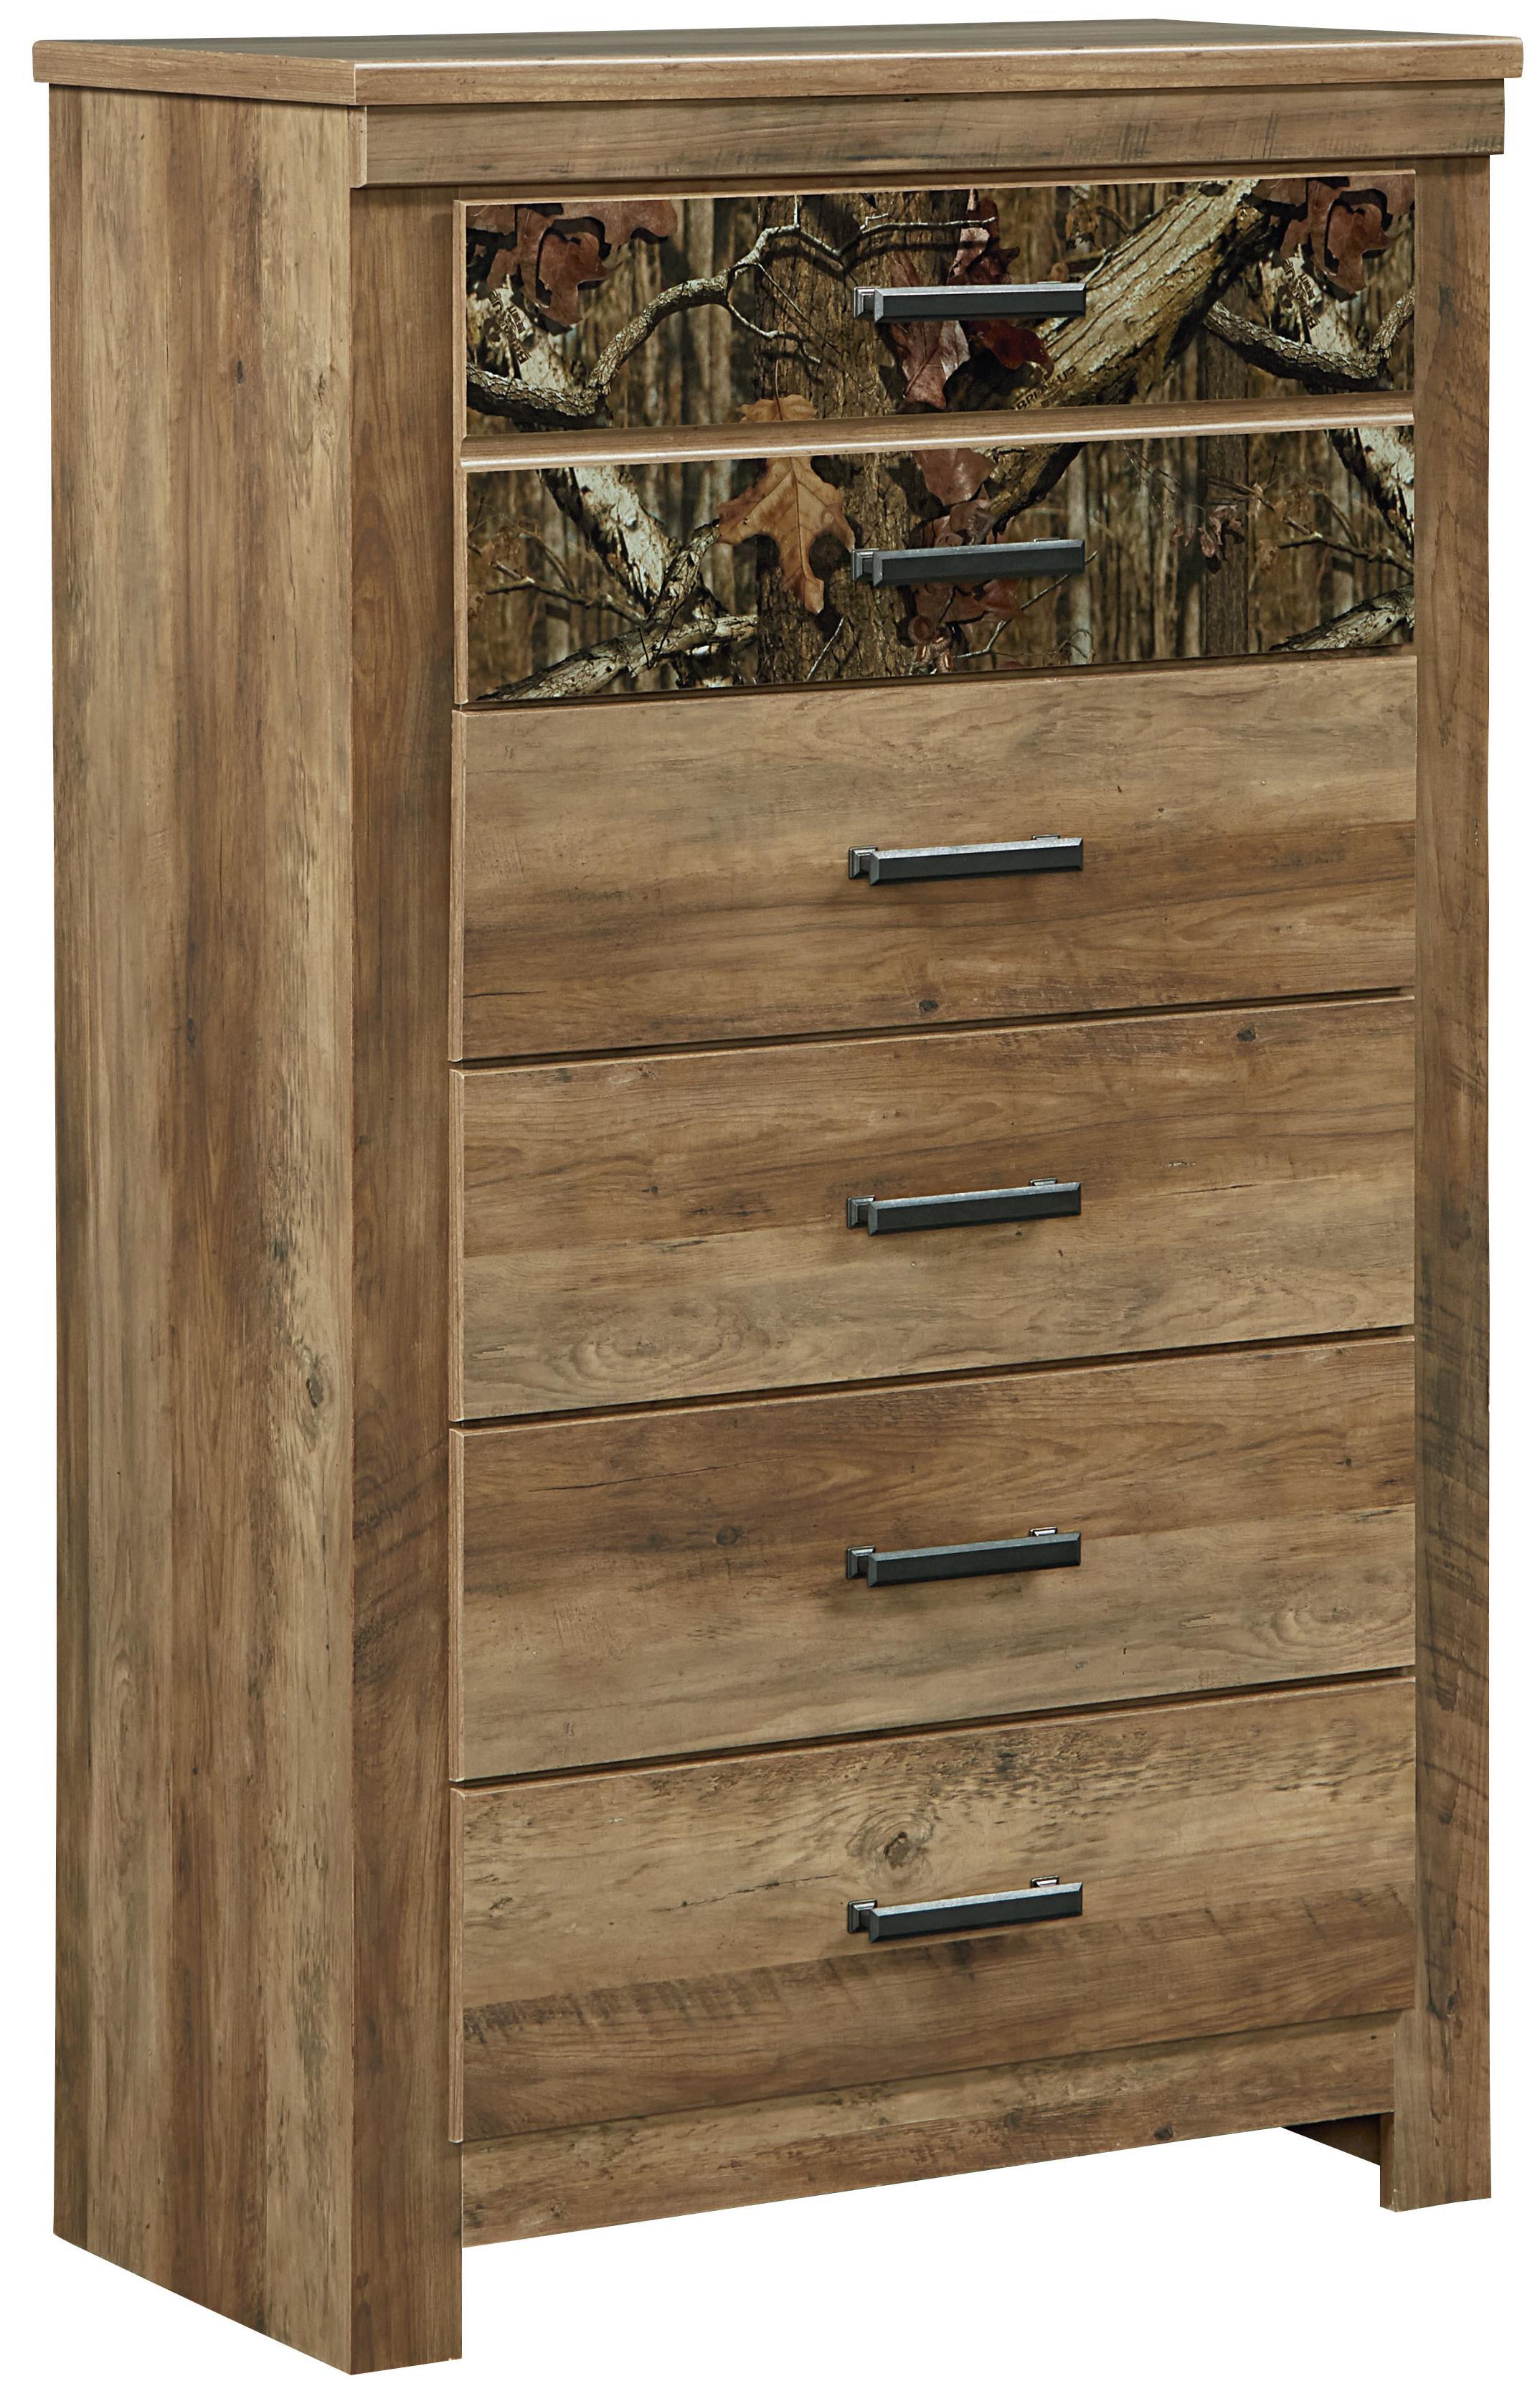 Standard Furniture Habitat Drawer Chest - Item Number: 55455